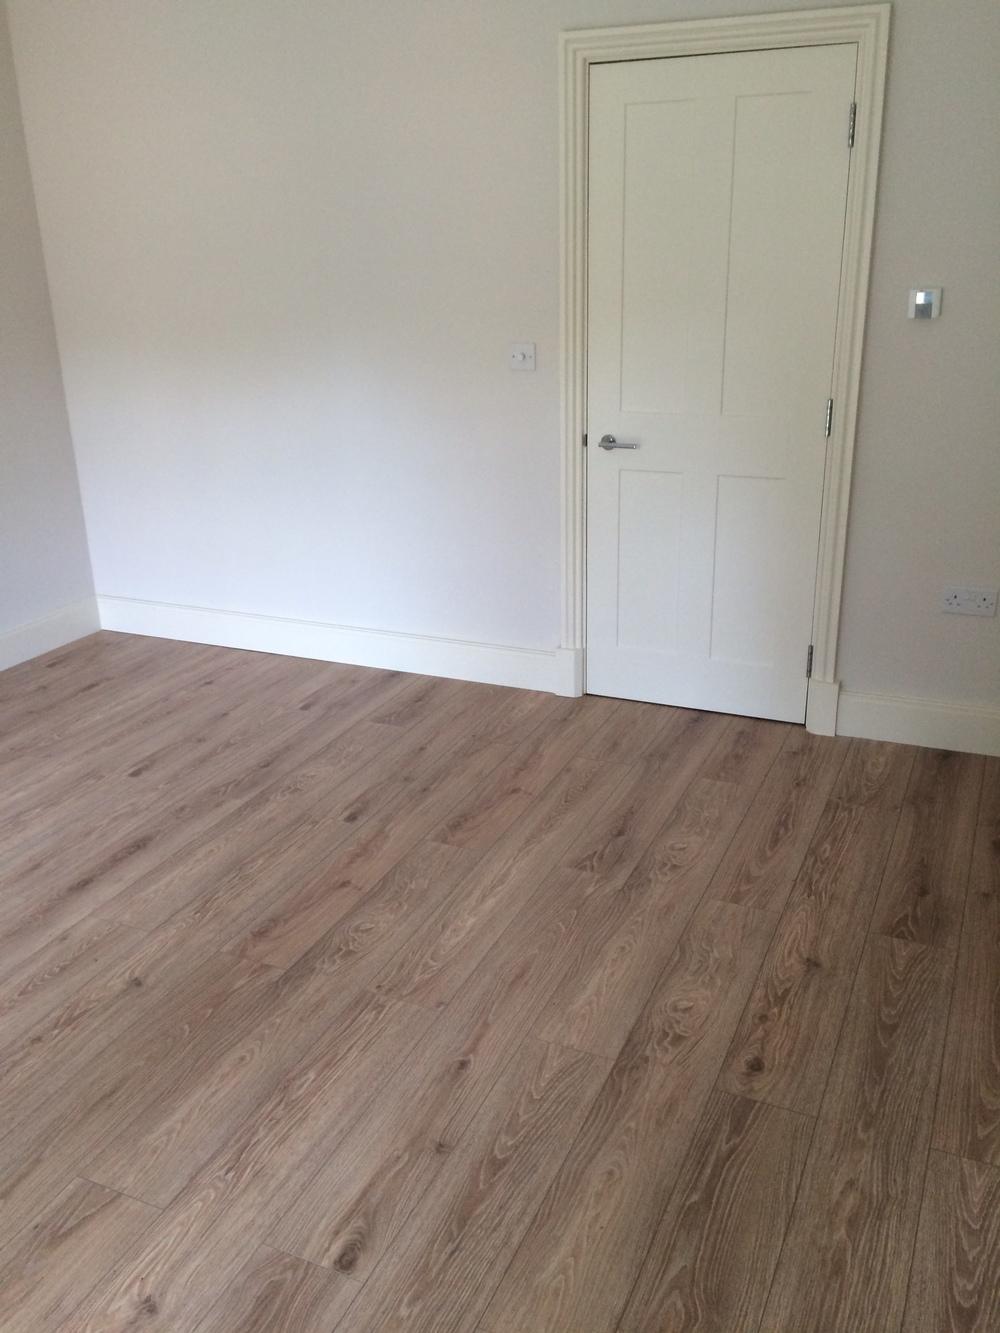 Flooring & Skirting 003.JPG